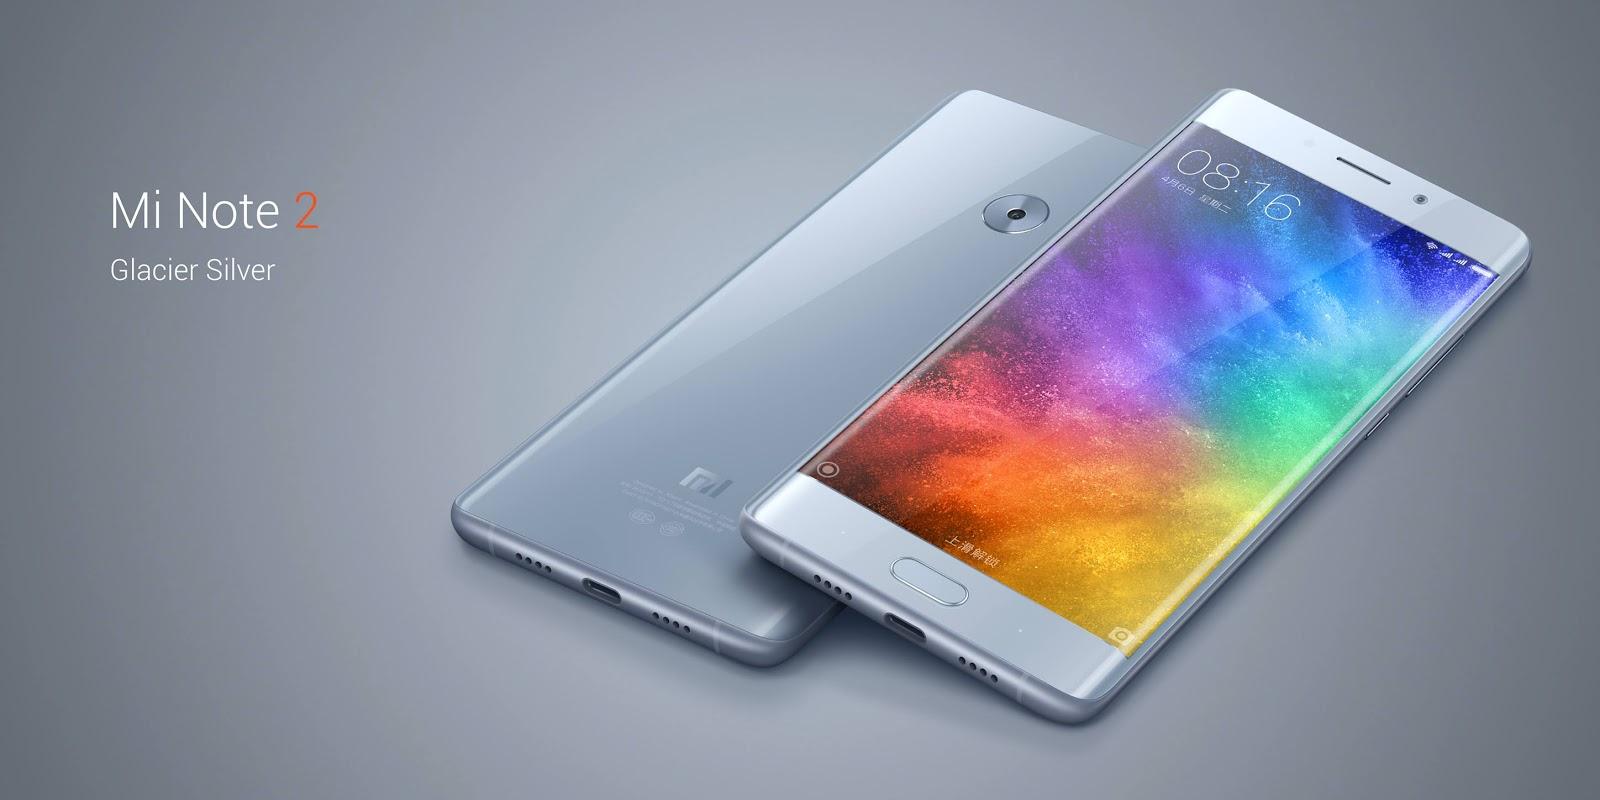 Осенний смартфонопад: китайский «Galaxy Note 7» и другие новинки от Xiaomi - 24